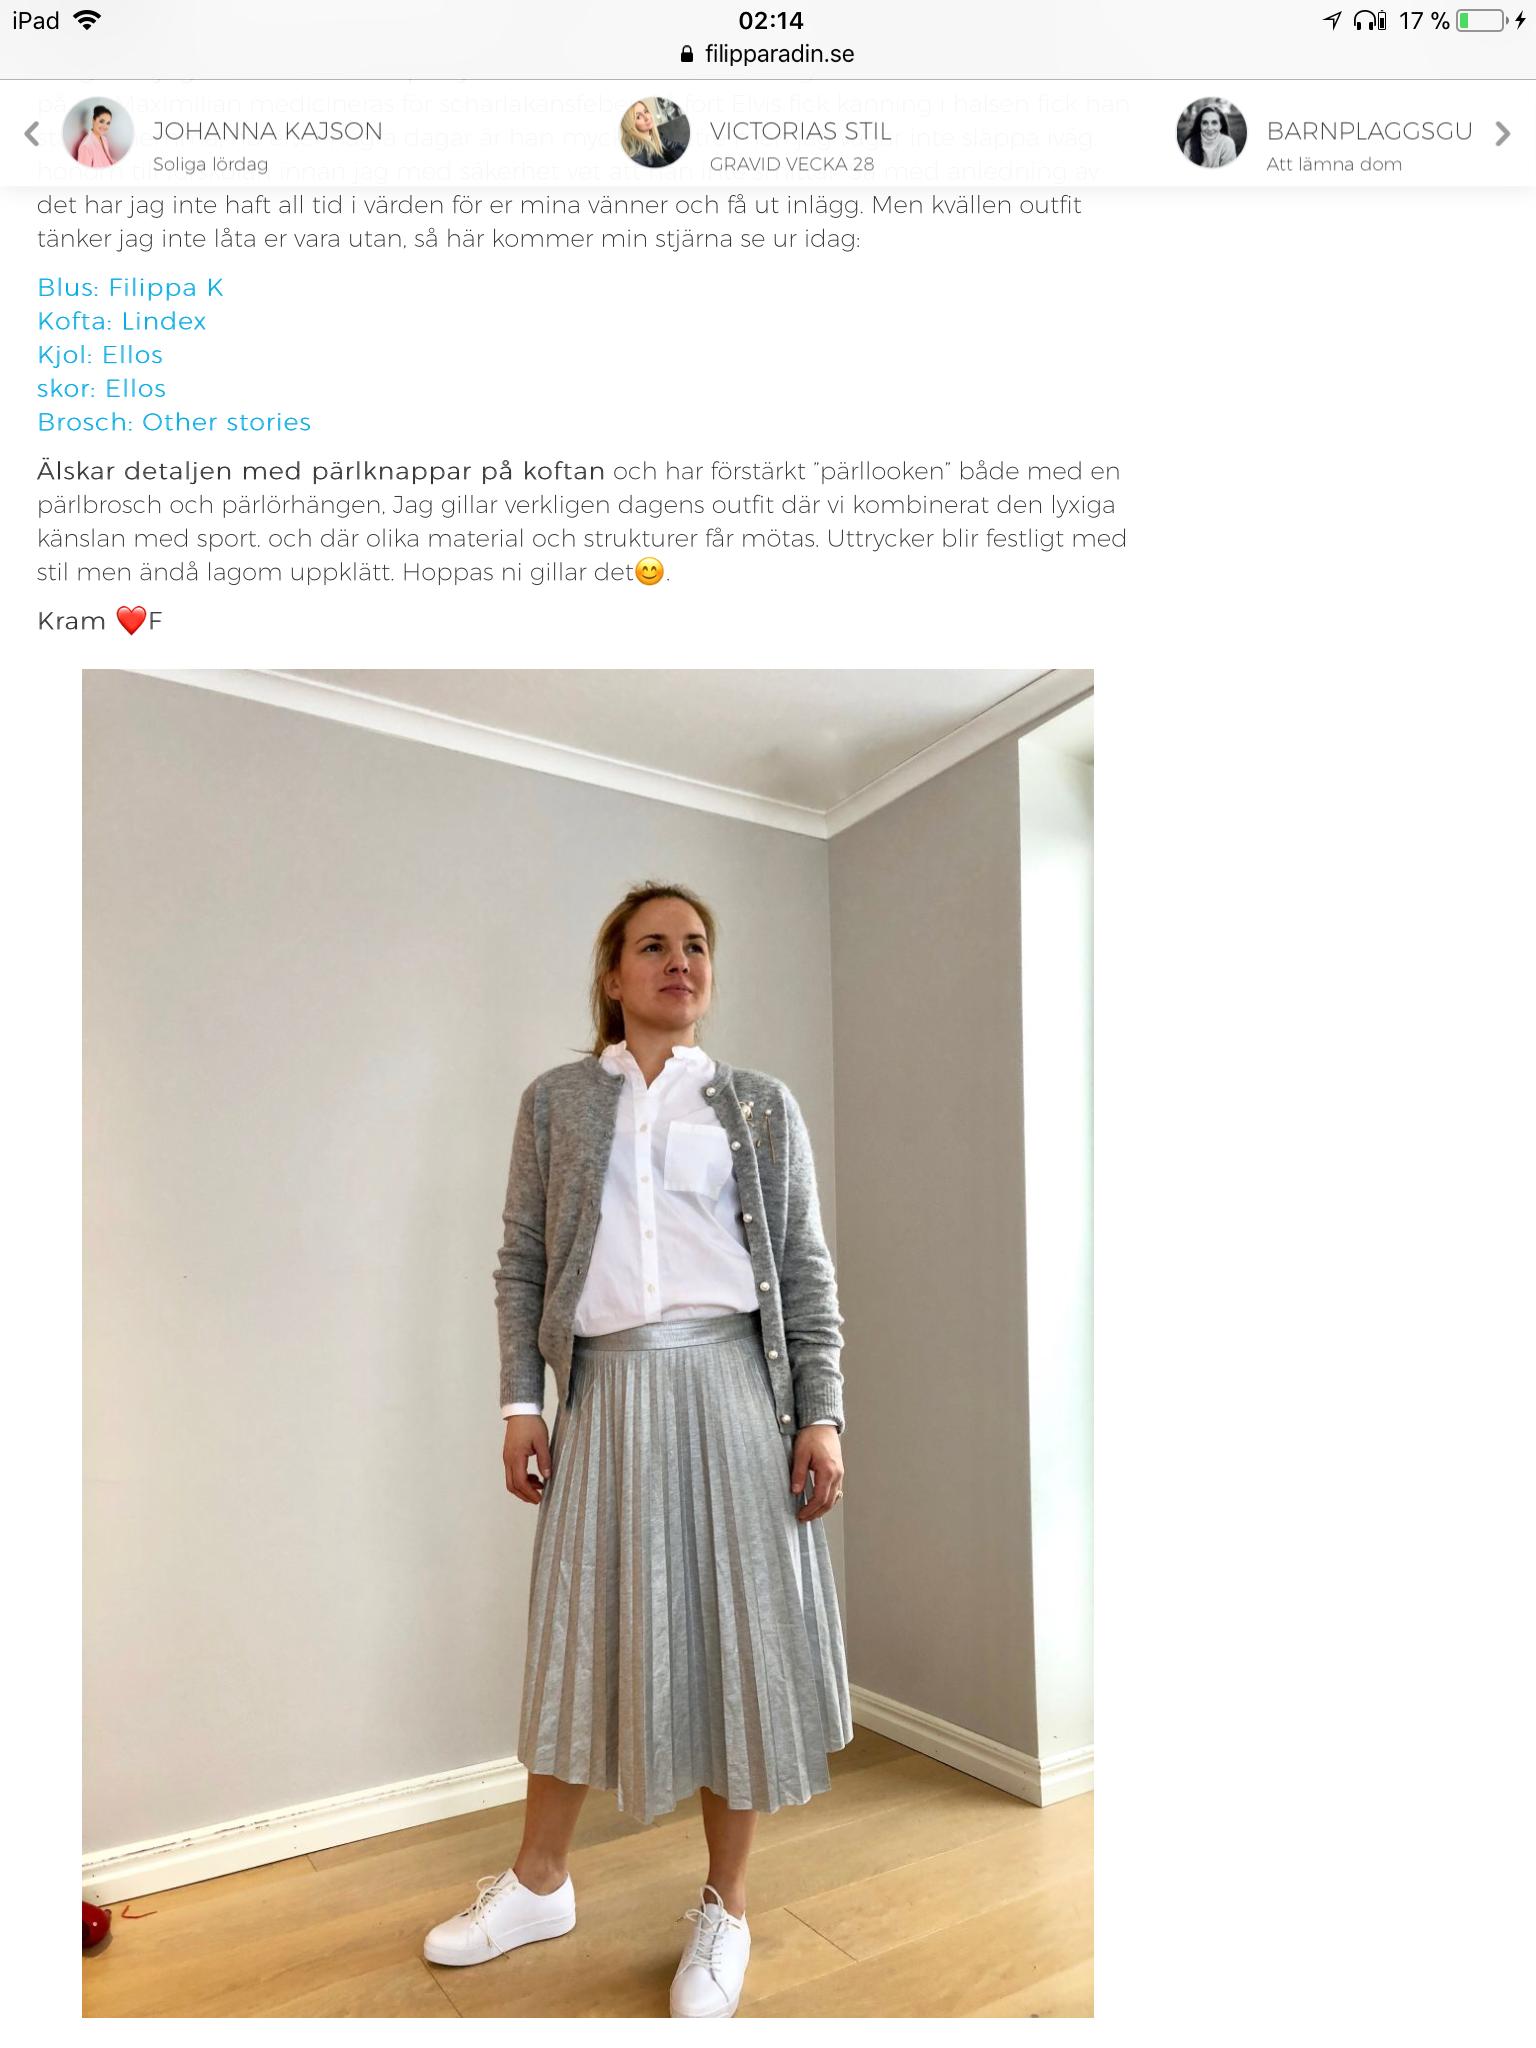 76575c8f5ea0 Pin von nina tilly auf Fashion winter/spring 18